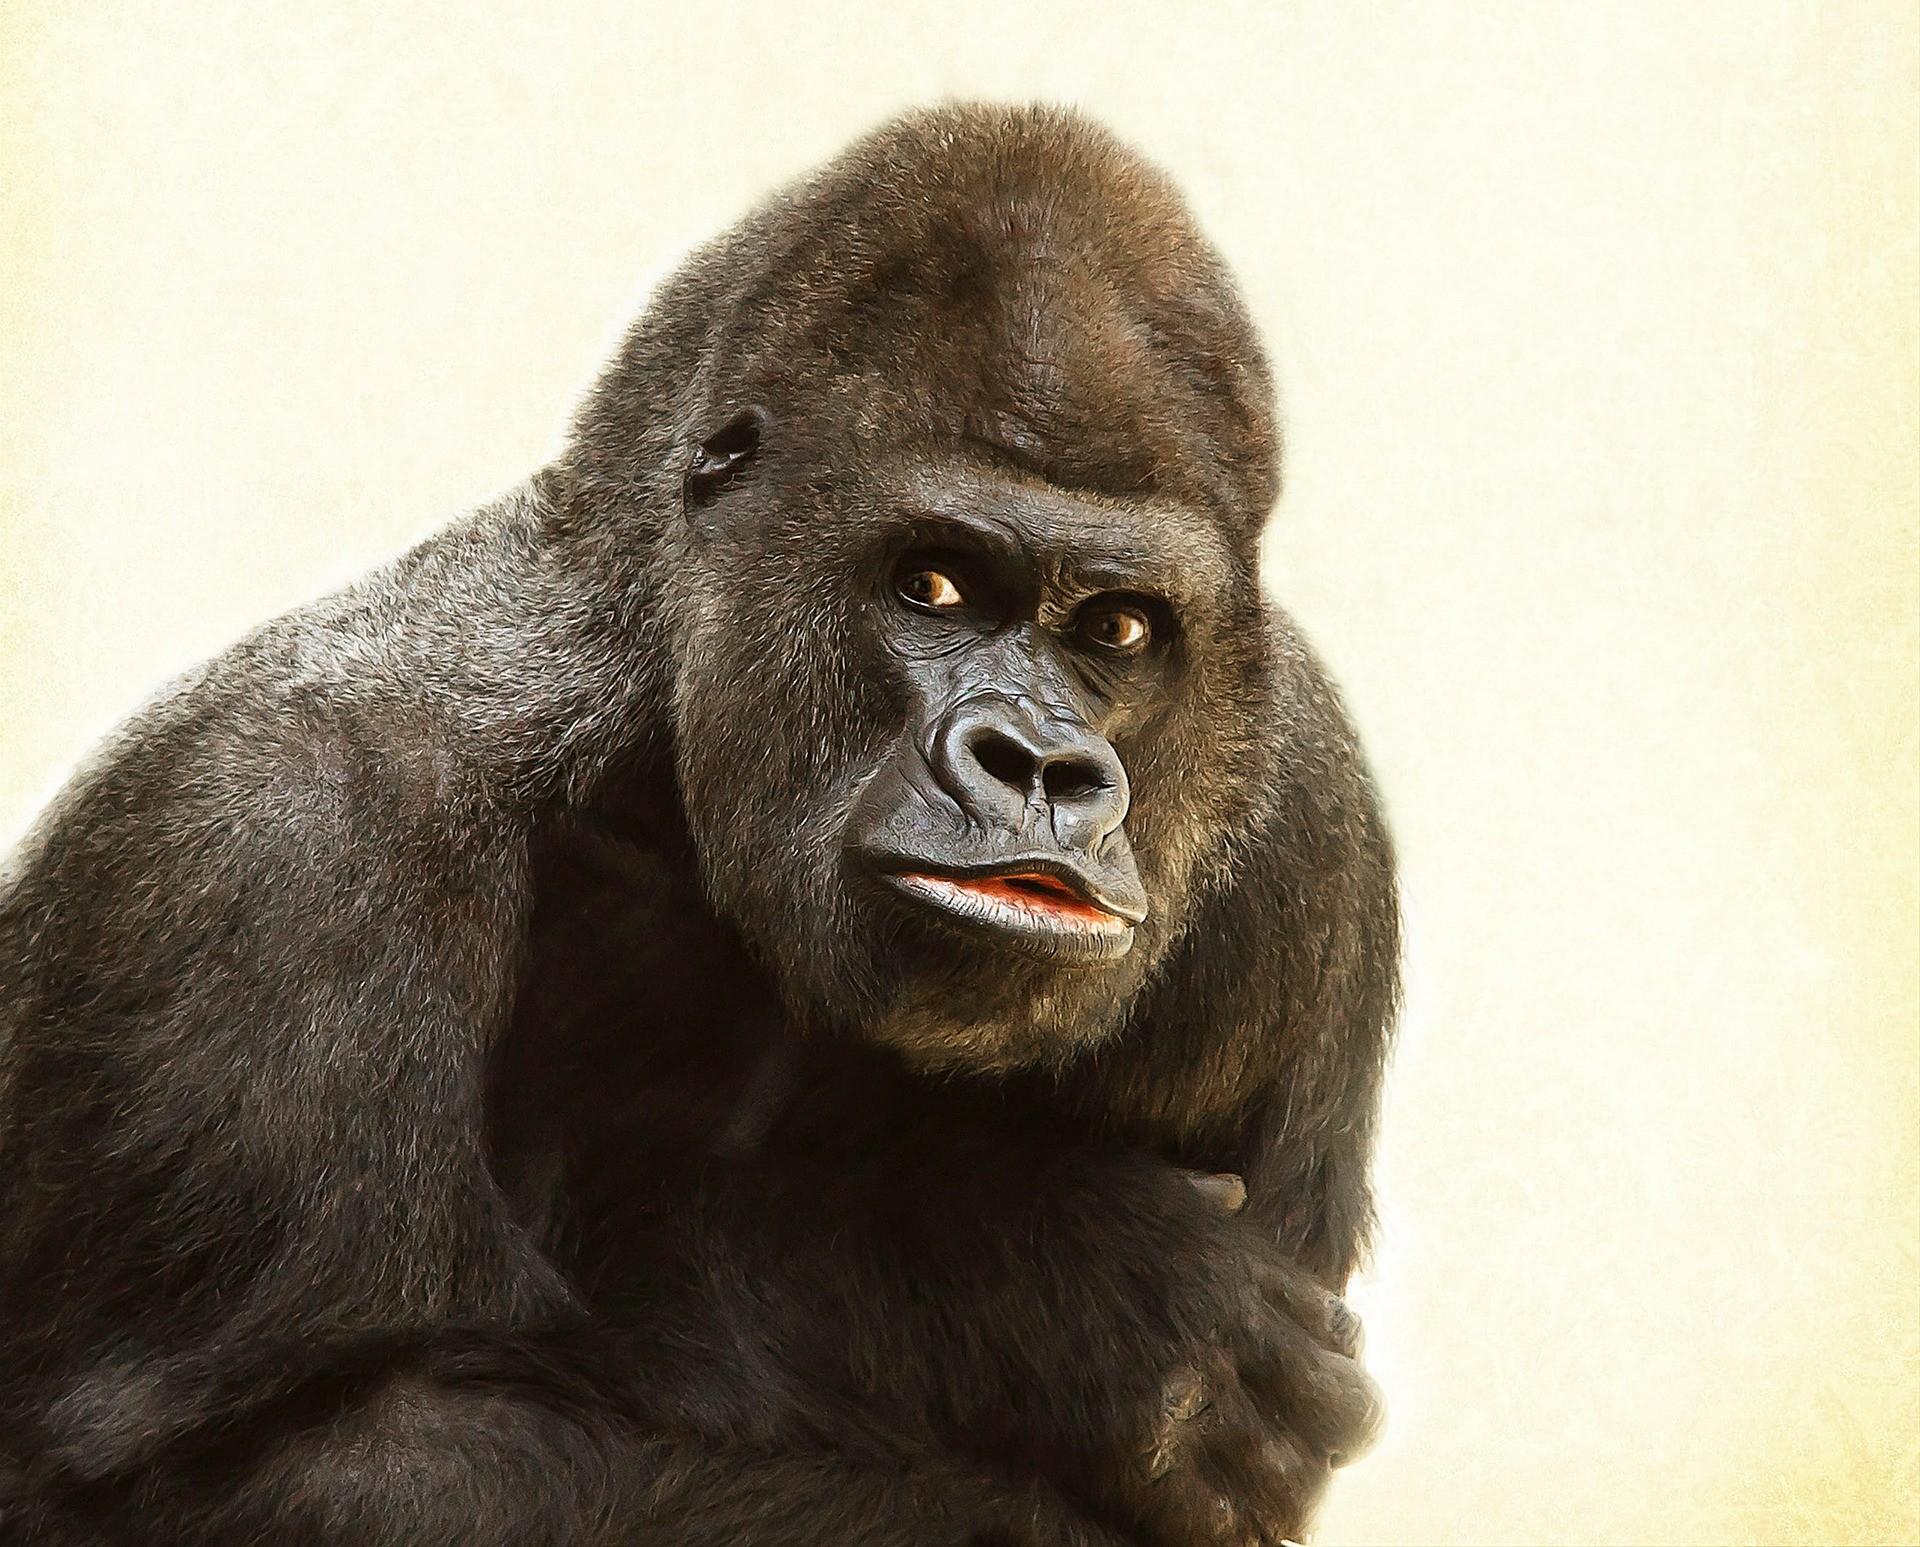 16010492234656418_by_hans3595_gorilla-448731_1920